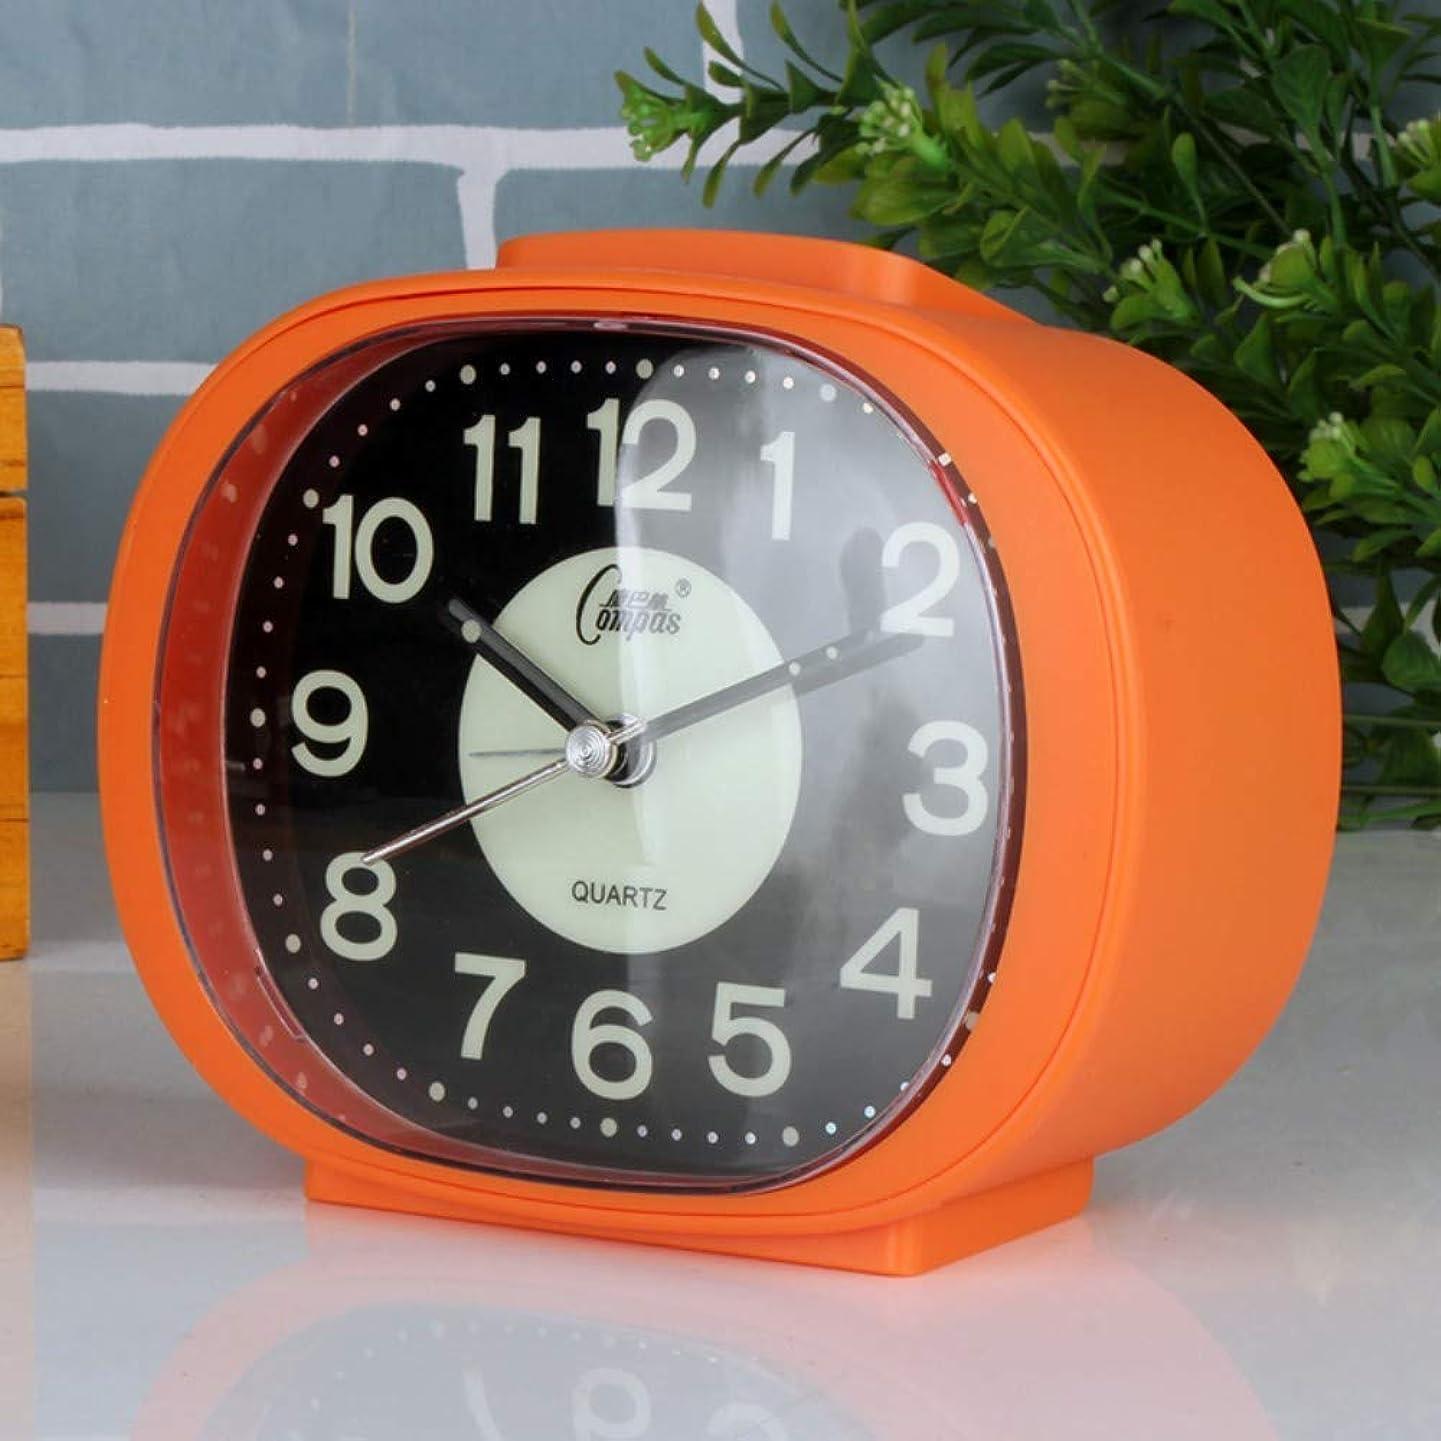 周り少しガラガラナイトライトトラベルクロックと目覚まし時計ベッドサイドバッテリ駆動の4インチの大型ダイヤルアナログクォーツ目覚まし時計なし騒音目覚まし時計